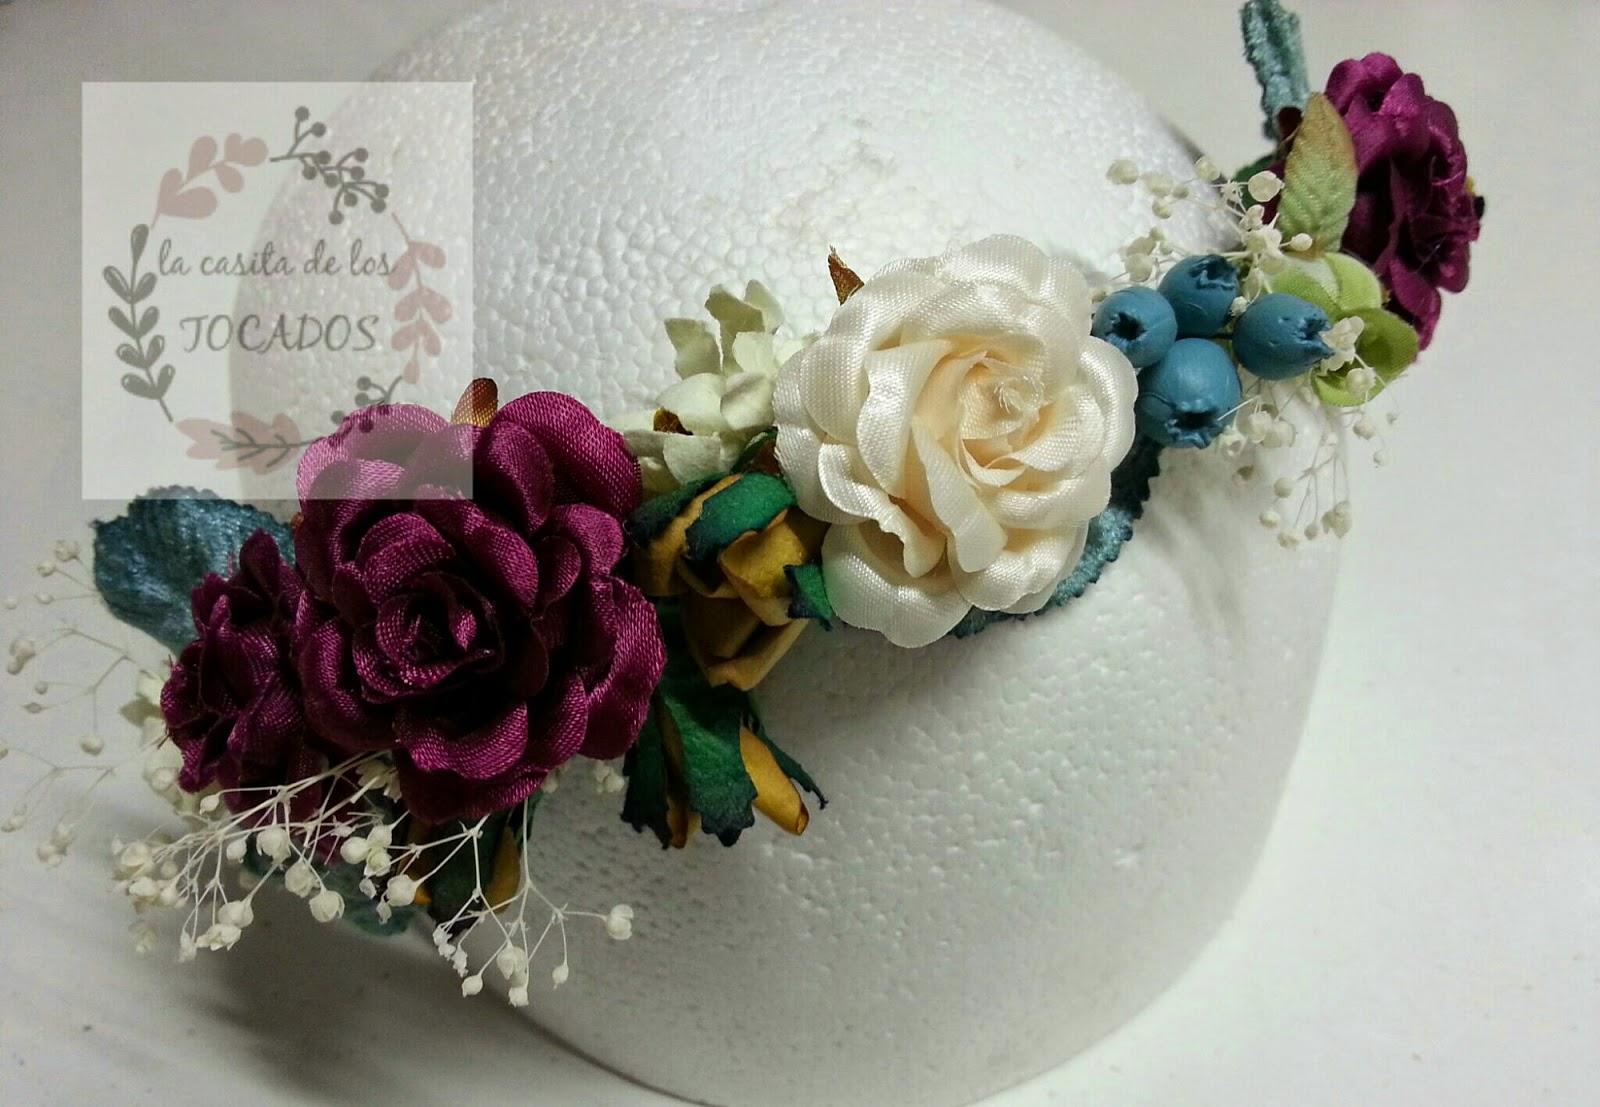 diadema multicolor para boda o evento de fiesta con flores y hojas